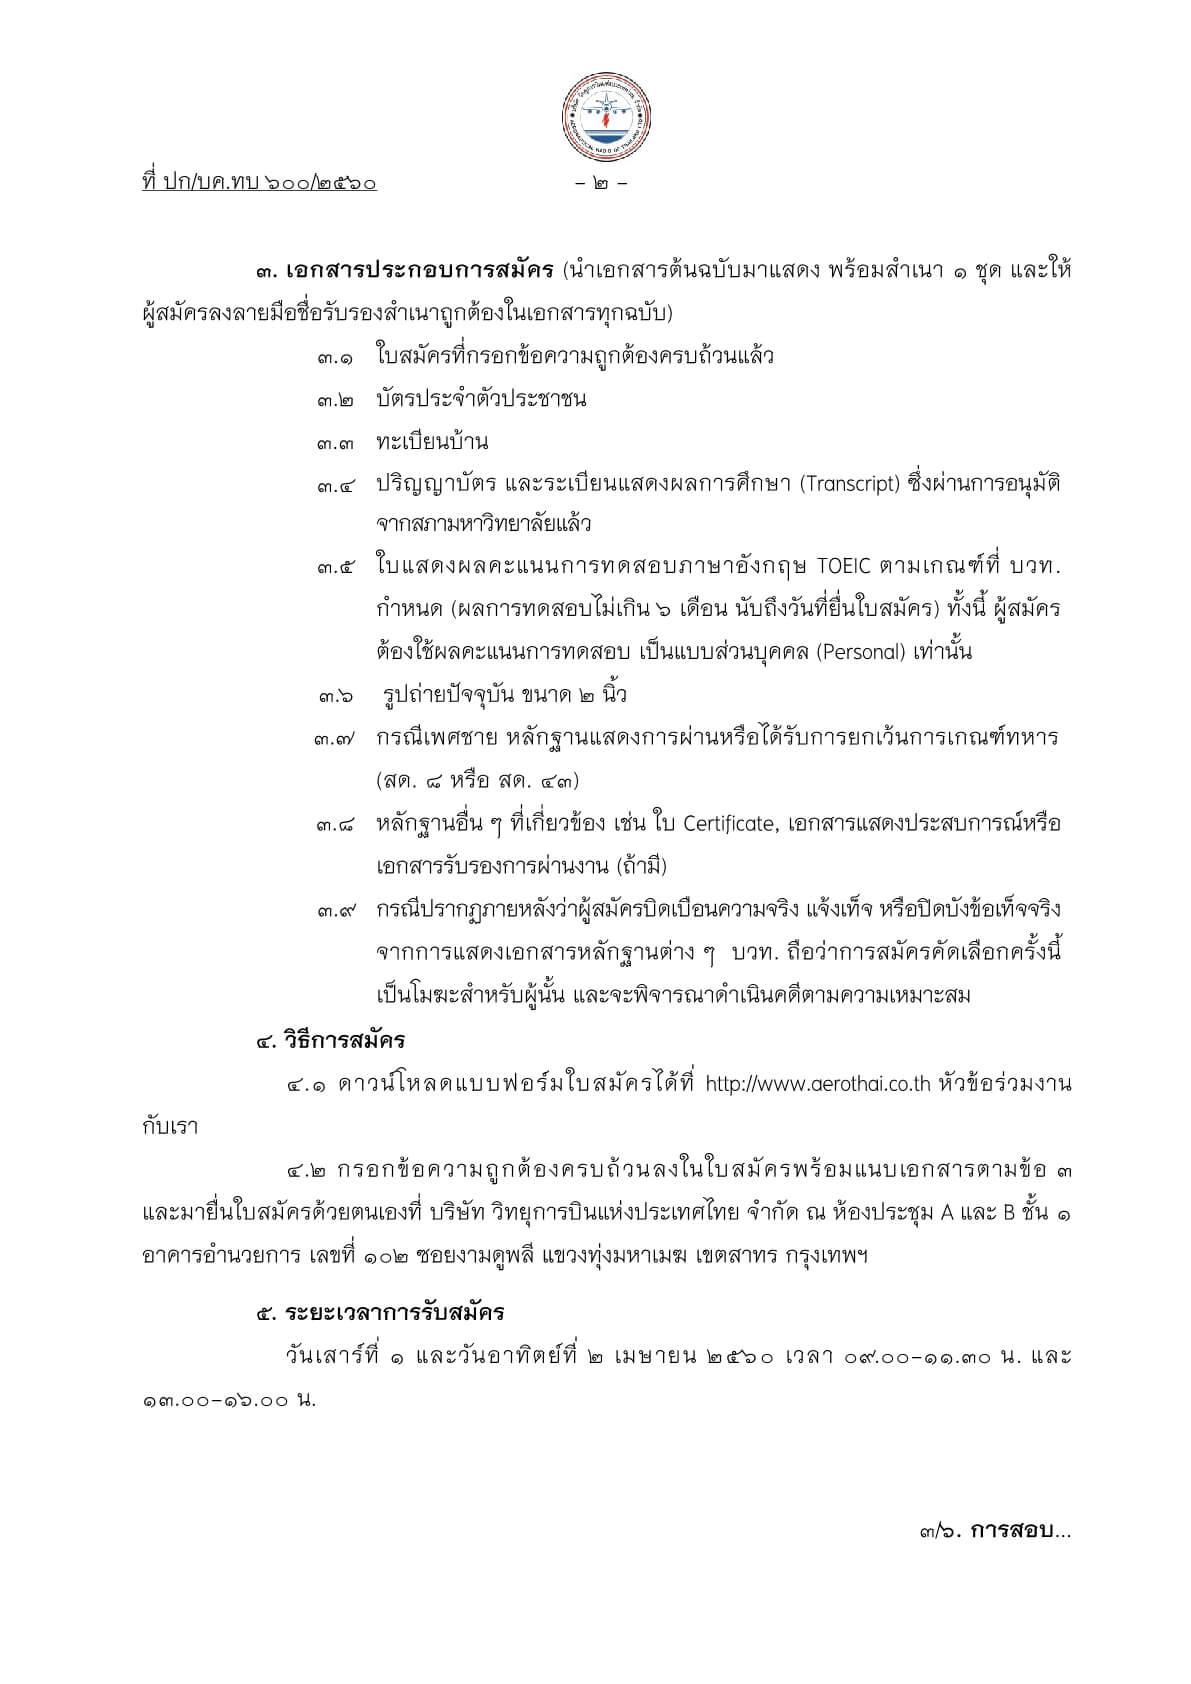 บริษัทวิทยุการบินแห่งประเทศไทย เปิดรับสม้ครเจ้าหน้าที่ควบคุมการจราจรทางอากาศ 2560